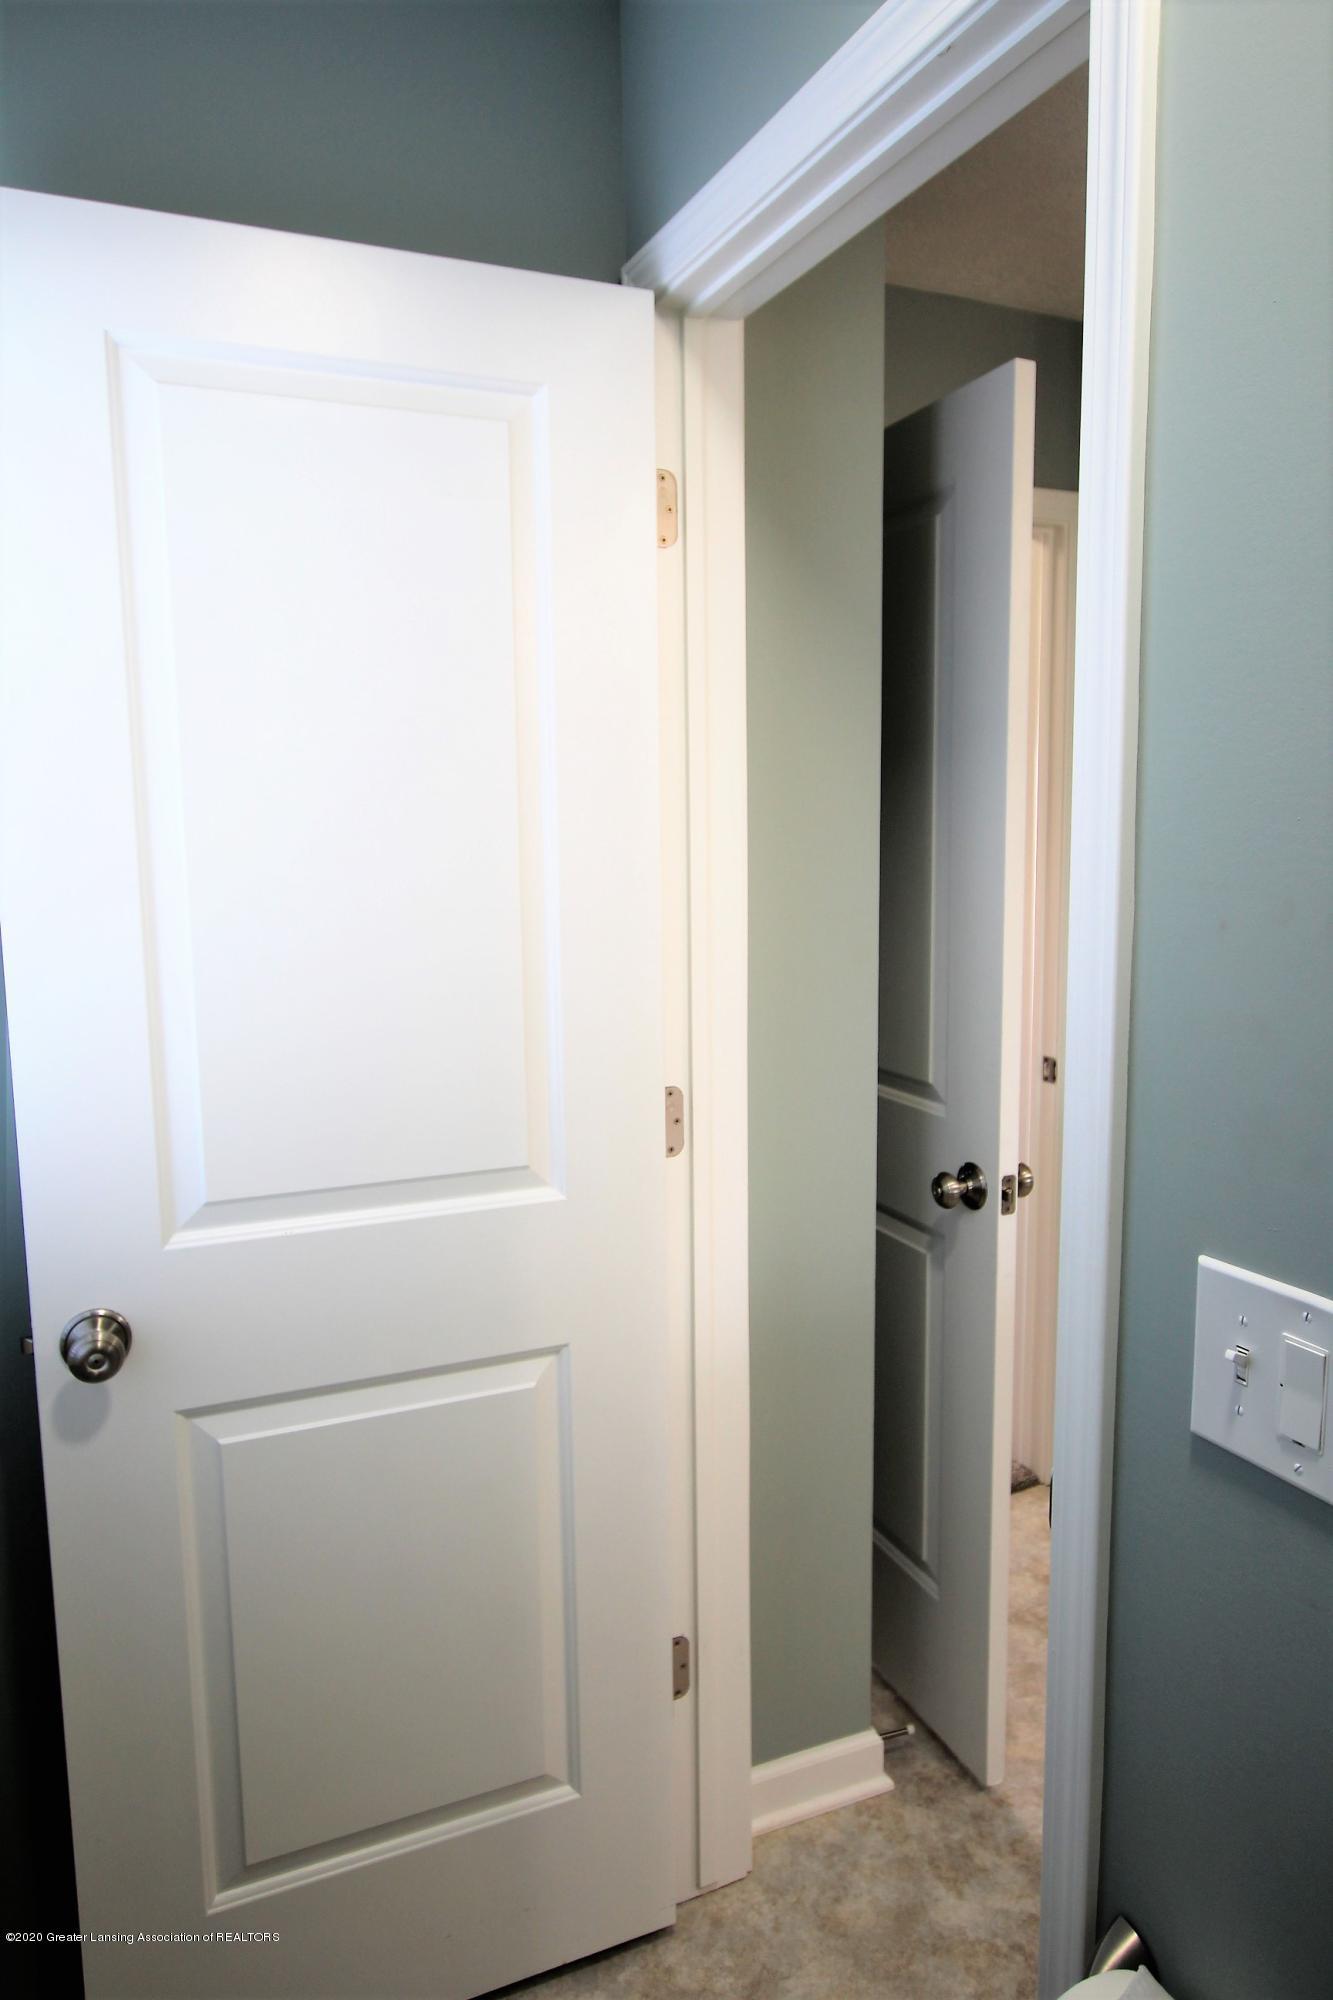 2818 Kittansett Dr - Private Toilet Closet - 34